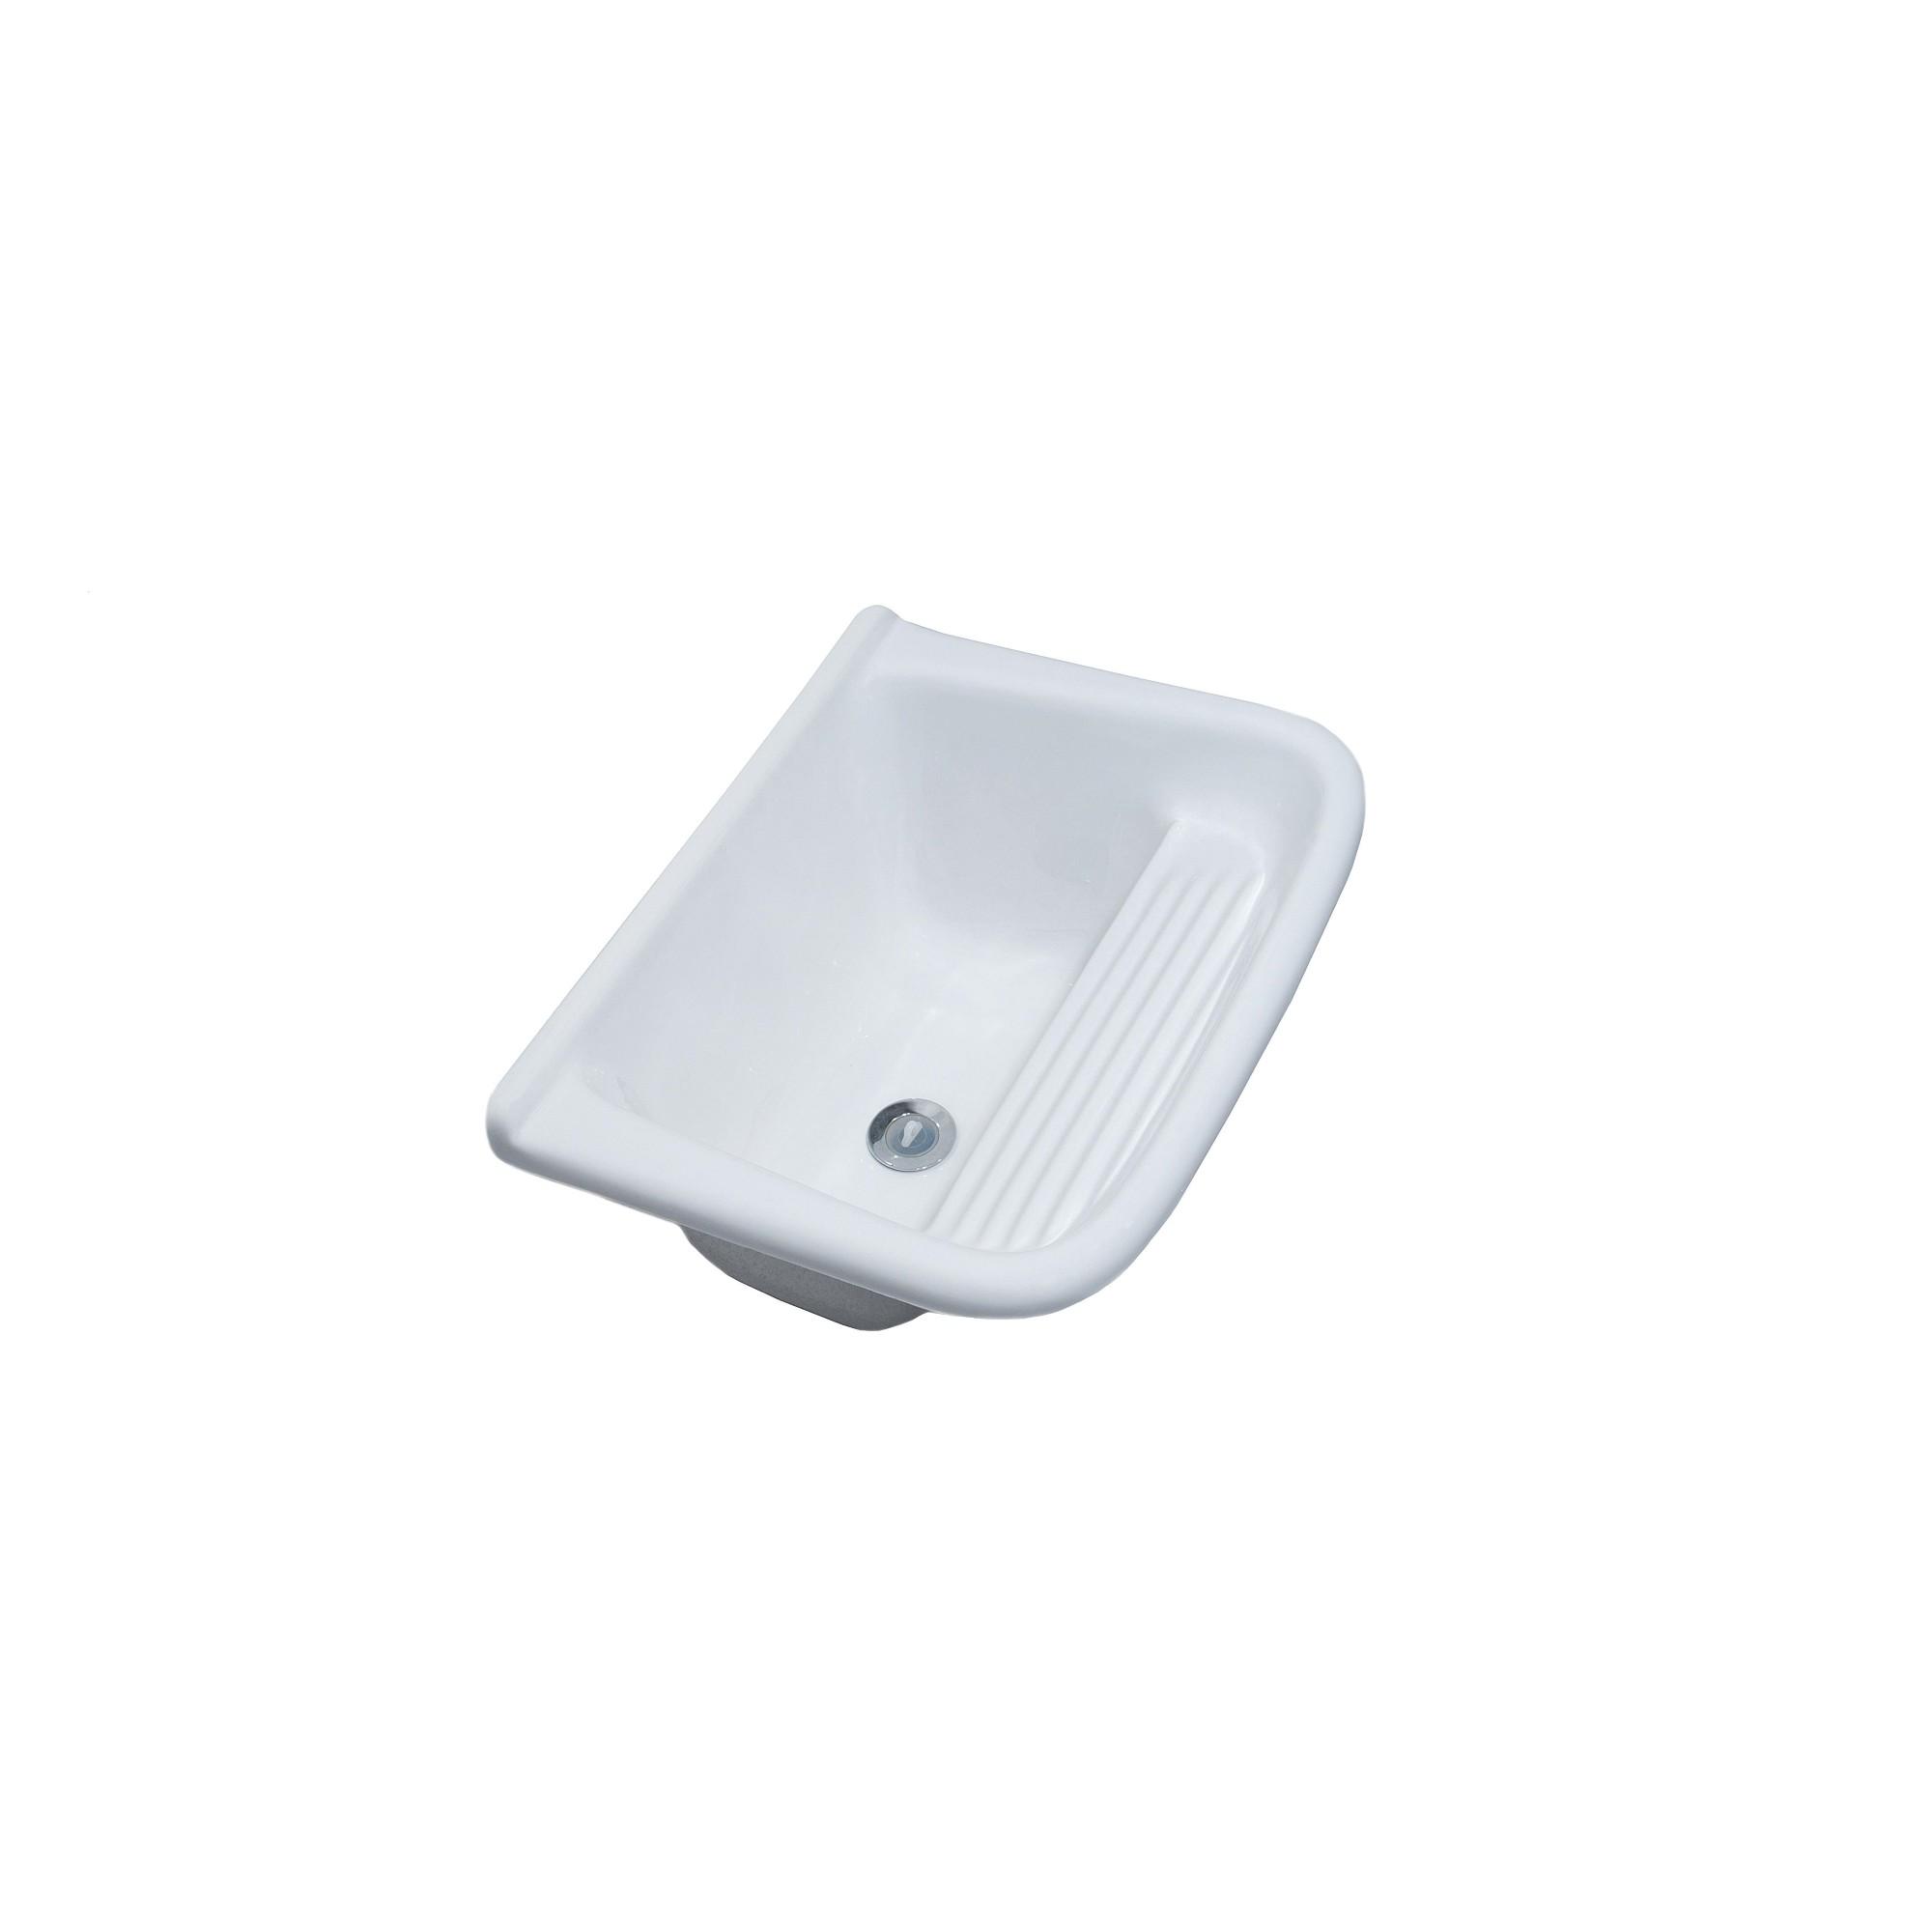 Tanque Sintetico Simples 50x40cm Branco - Decoralita